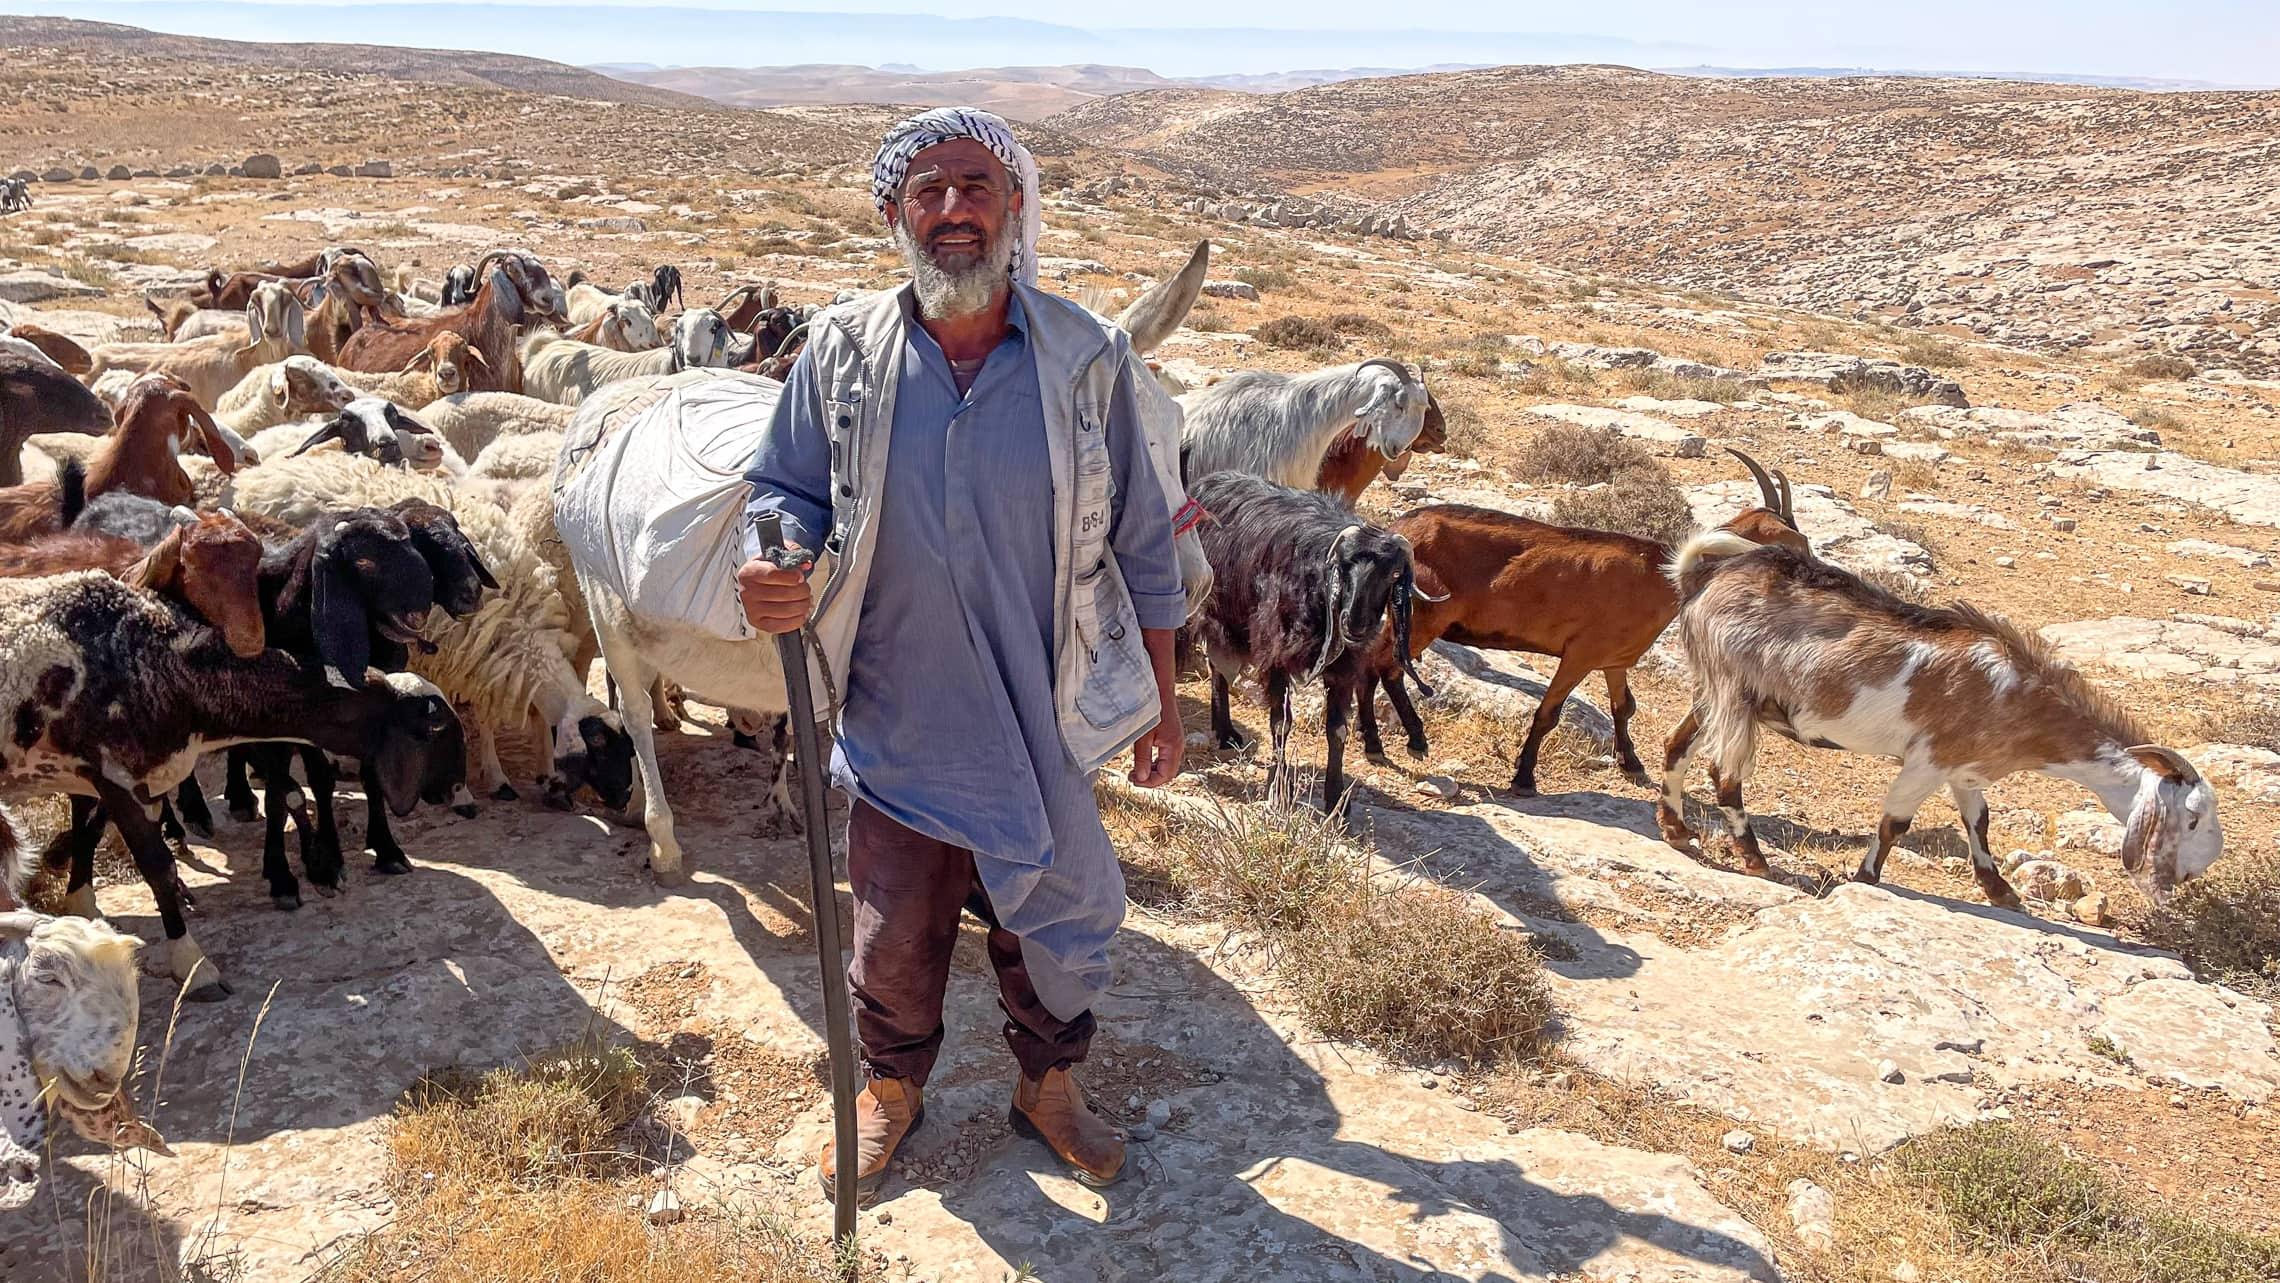 מחמוד חמאמדה ומרעה הצאן שלו (צילום: אמיר בן-דוד)